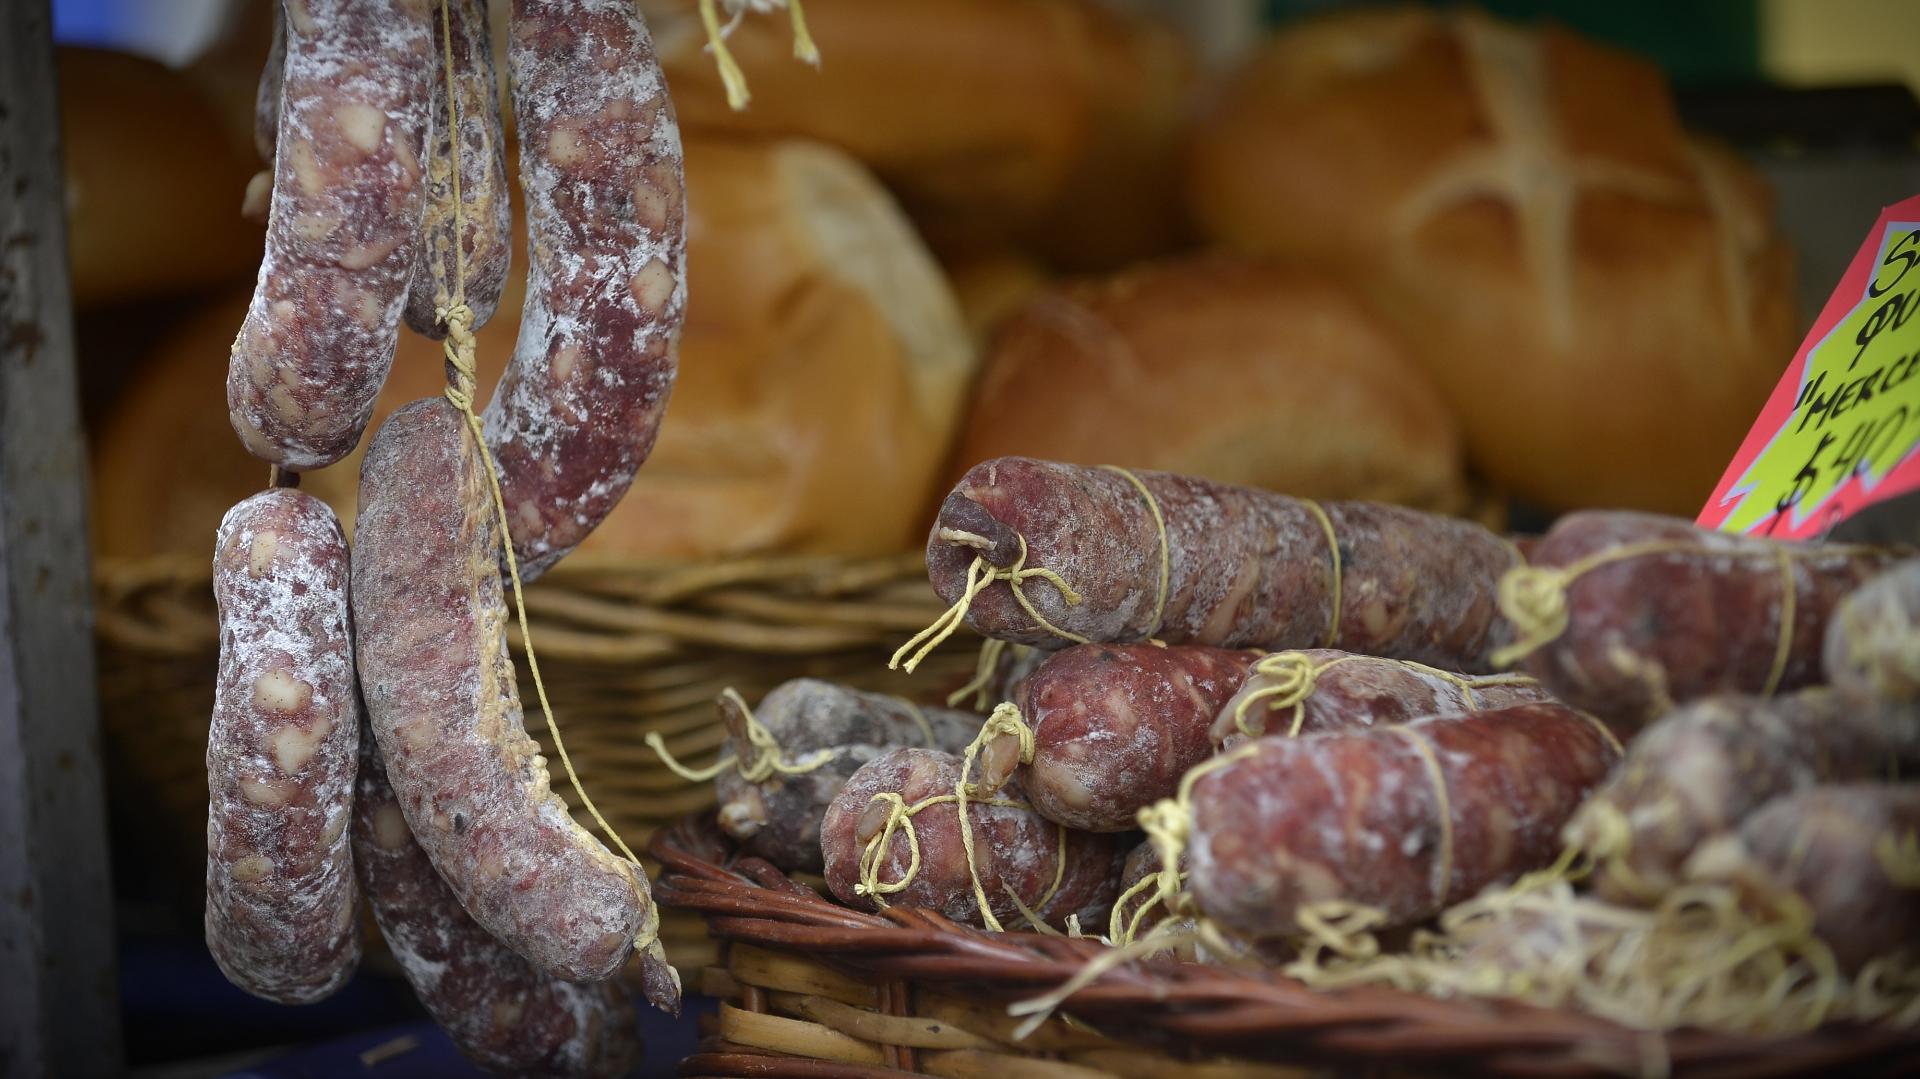 Salamines y panes caseros en uno de los puestos de la feria